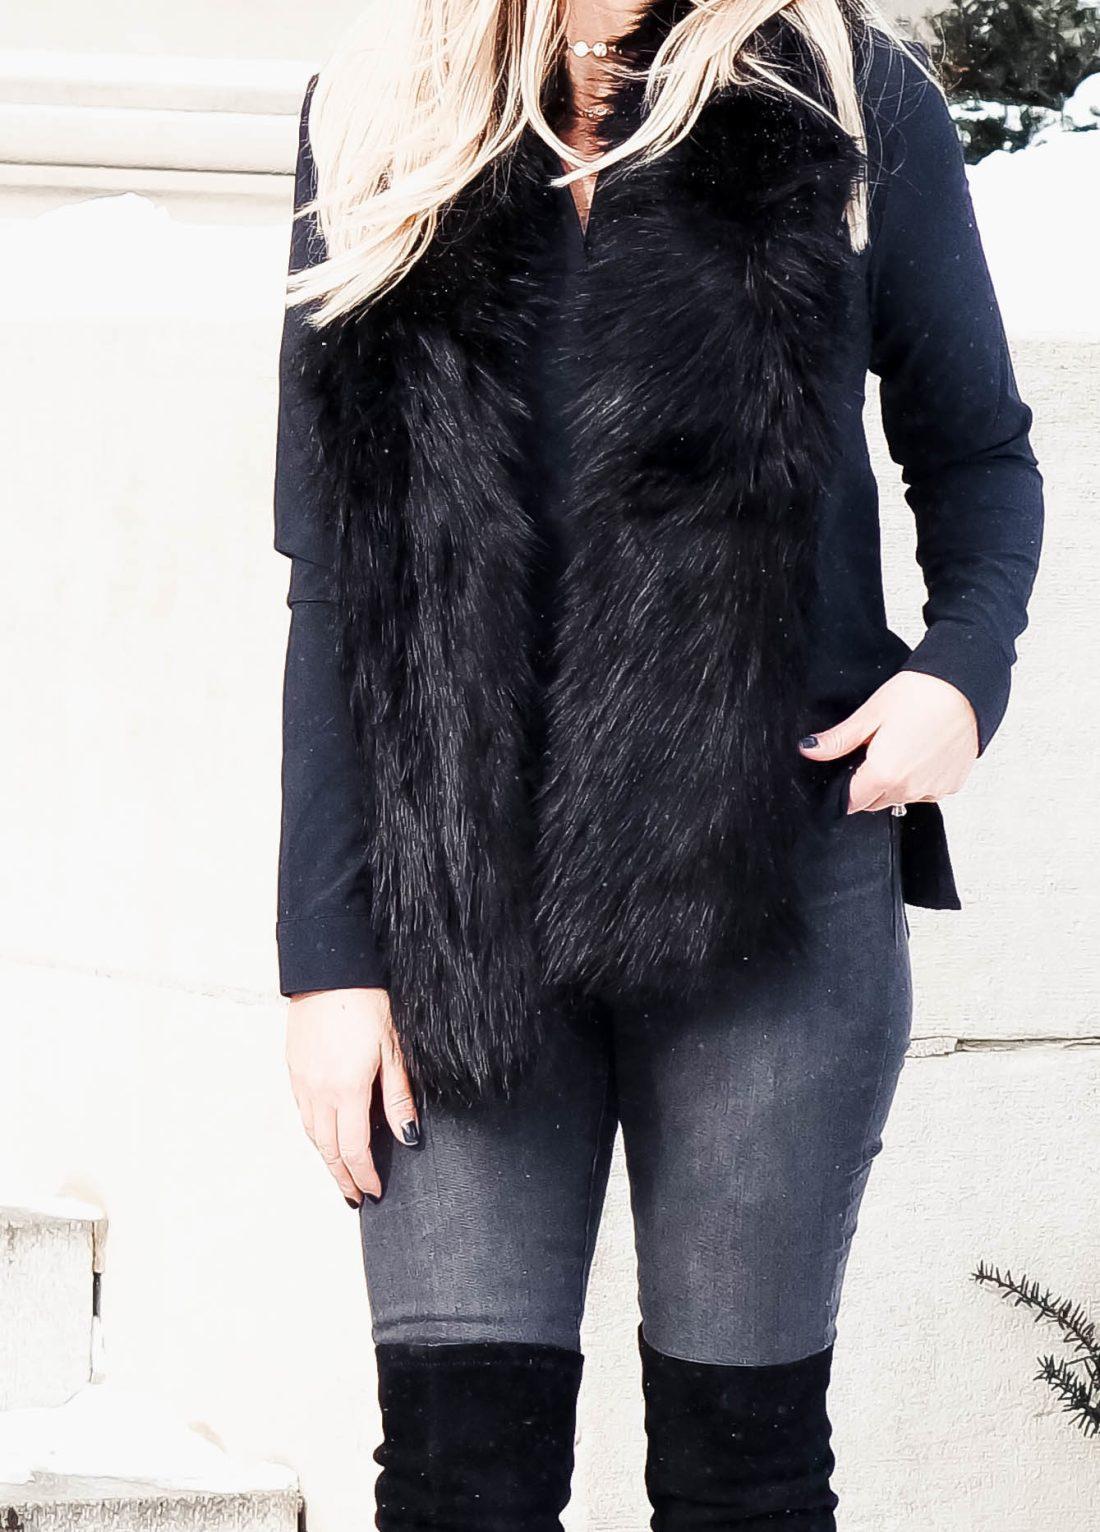 Black Fur Stole Outfit